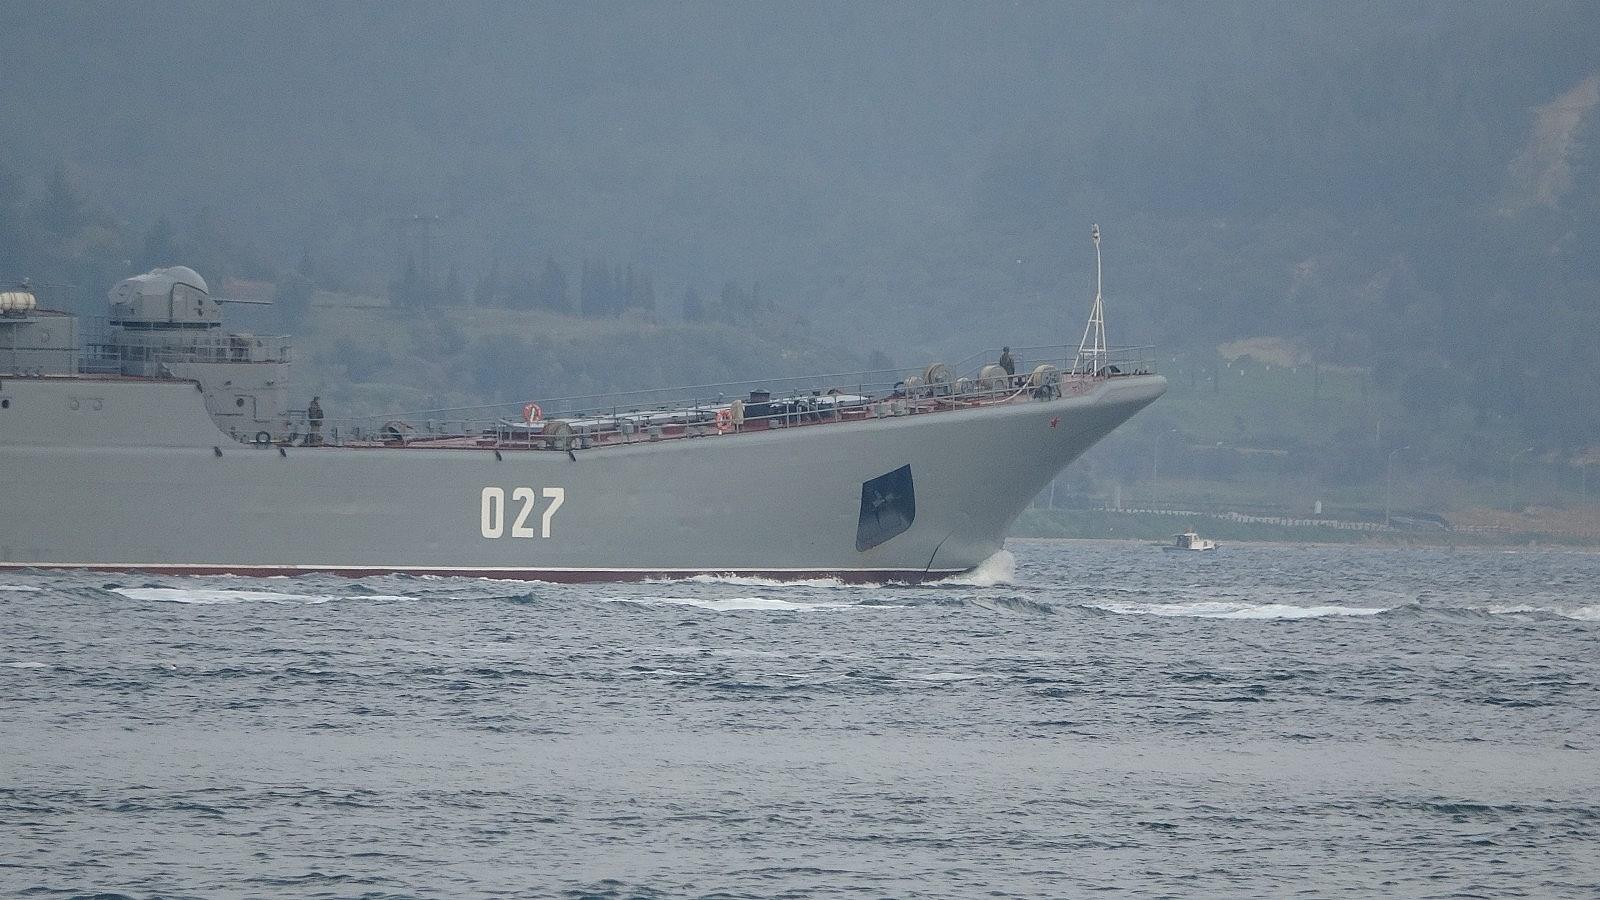 2021/04/rusya-gemilerini-karadenize-cekiyor-iki-savas-gemisi-canakkaleden-gecti-20210416AW29-3.jpg